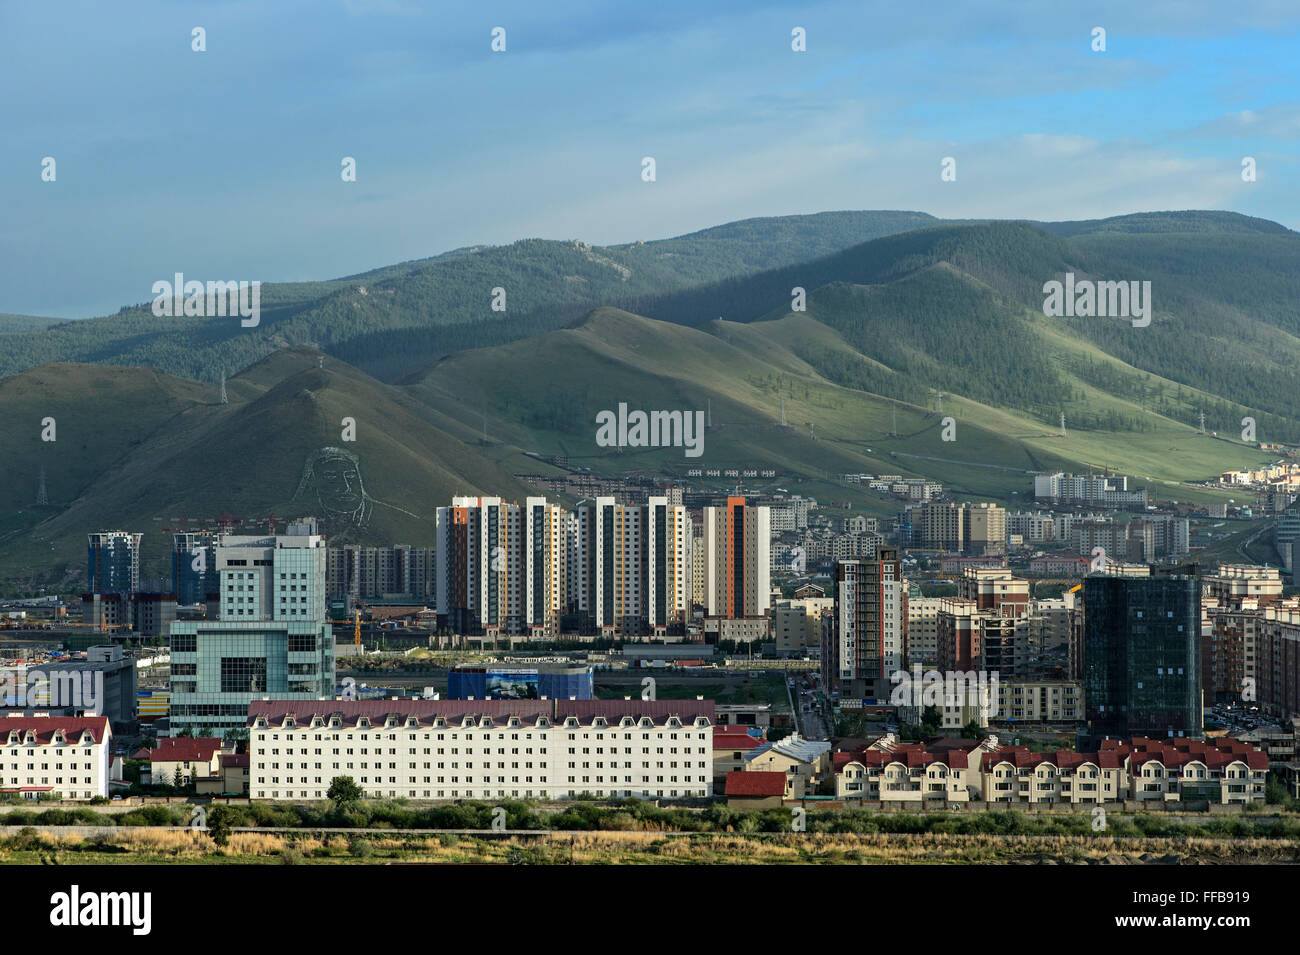 Vista del moderno distrito residencial, detrás de las montañas Bogd Khan con retrato de Genghis Khan, Imagen De Stock